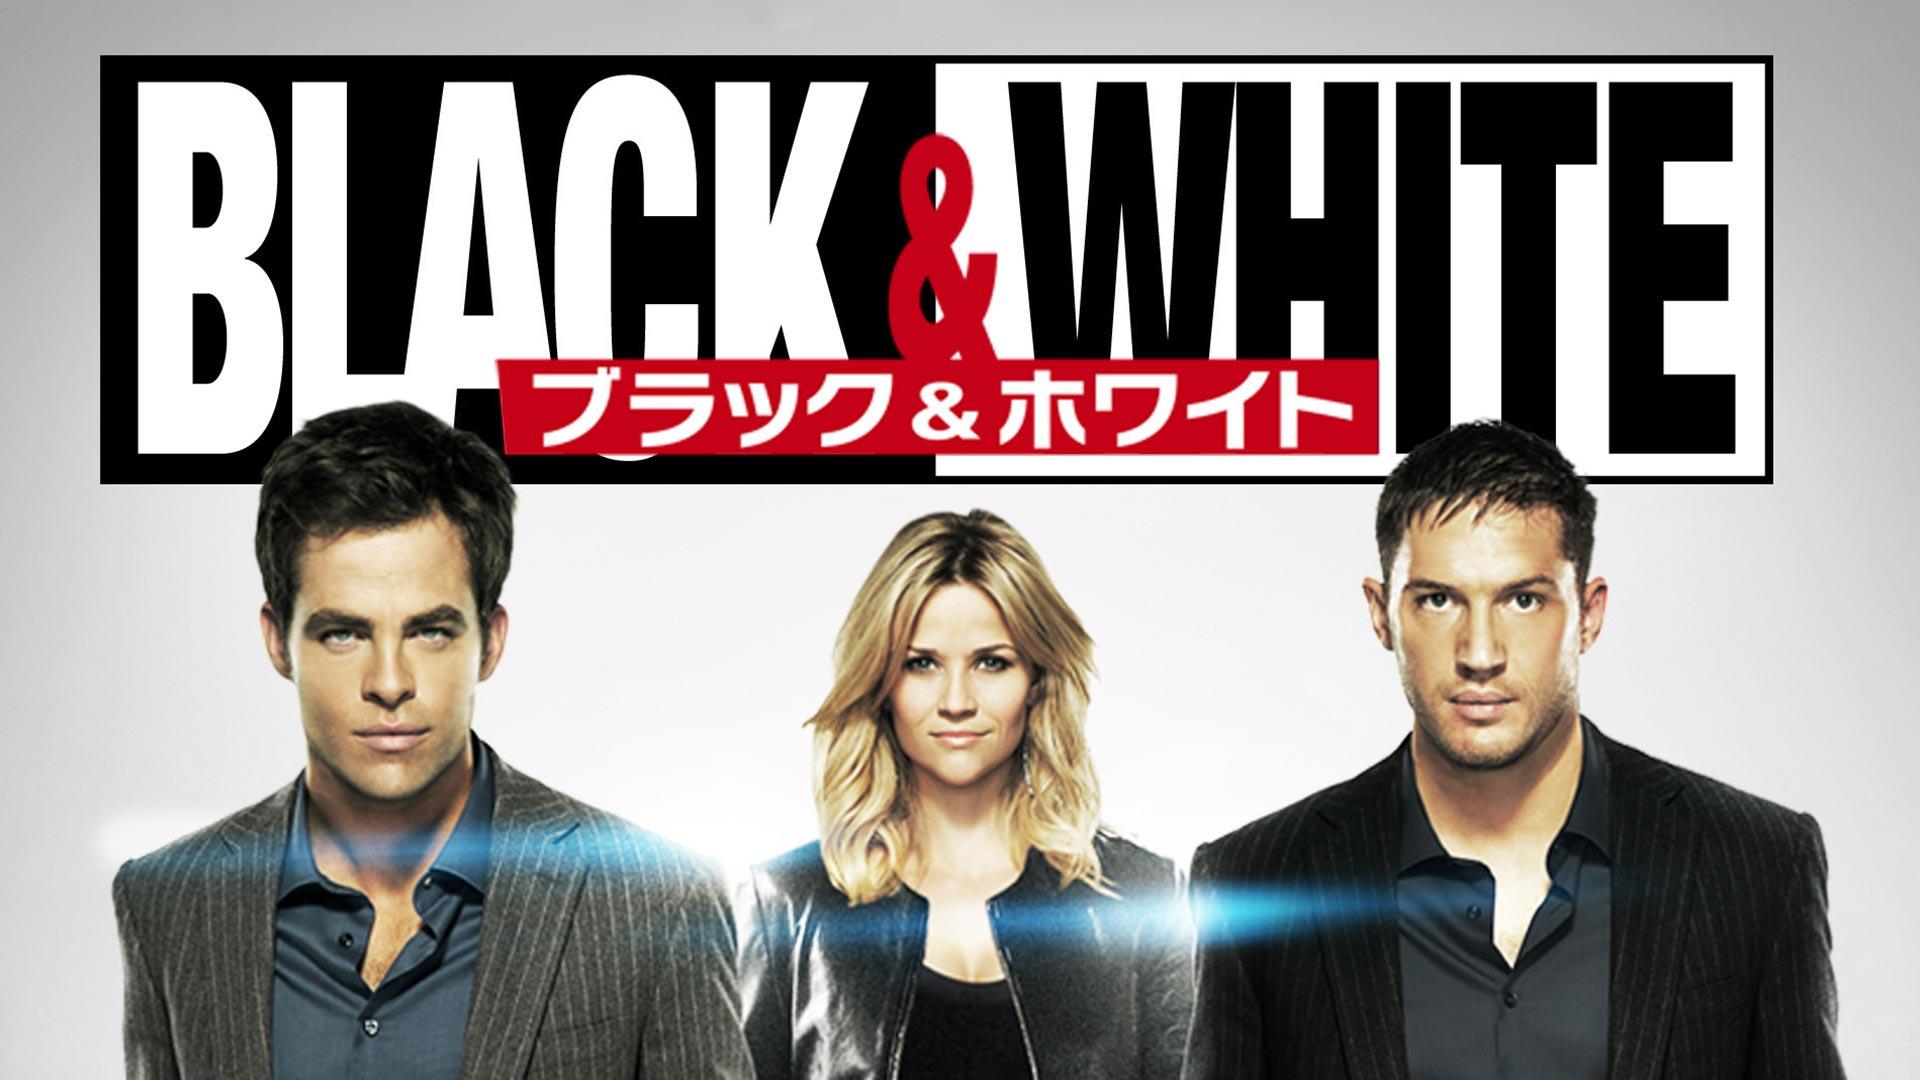 Black&White/ブラック&ホワイト (吹替版)